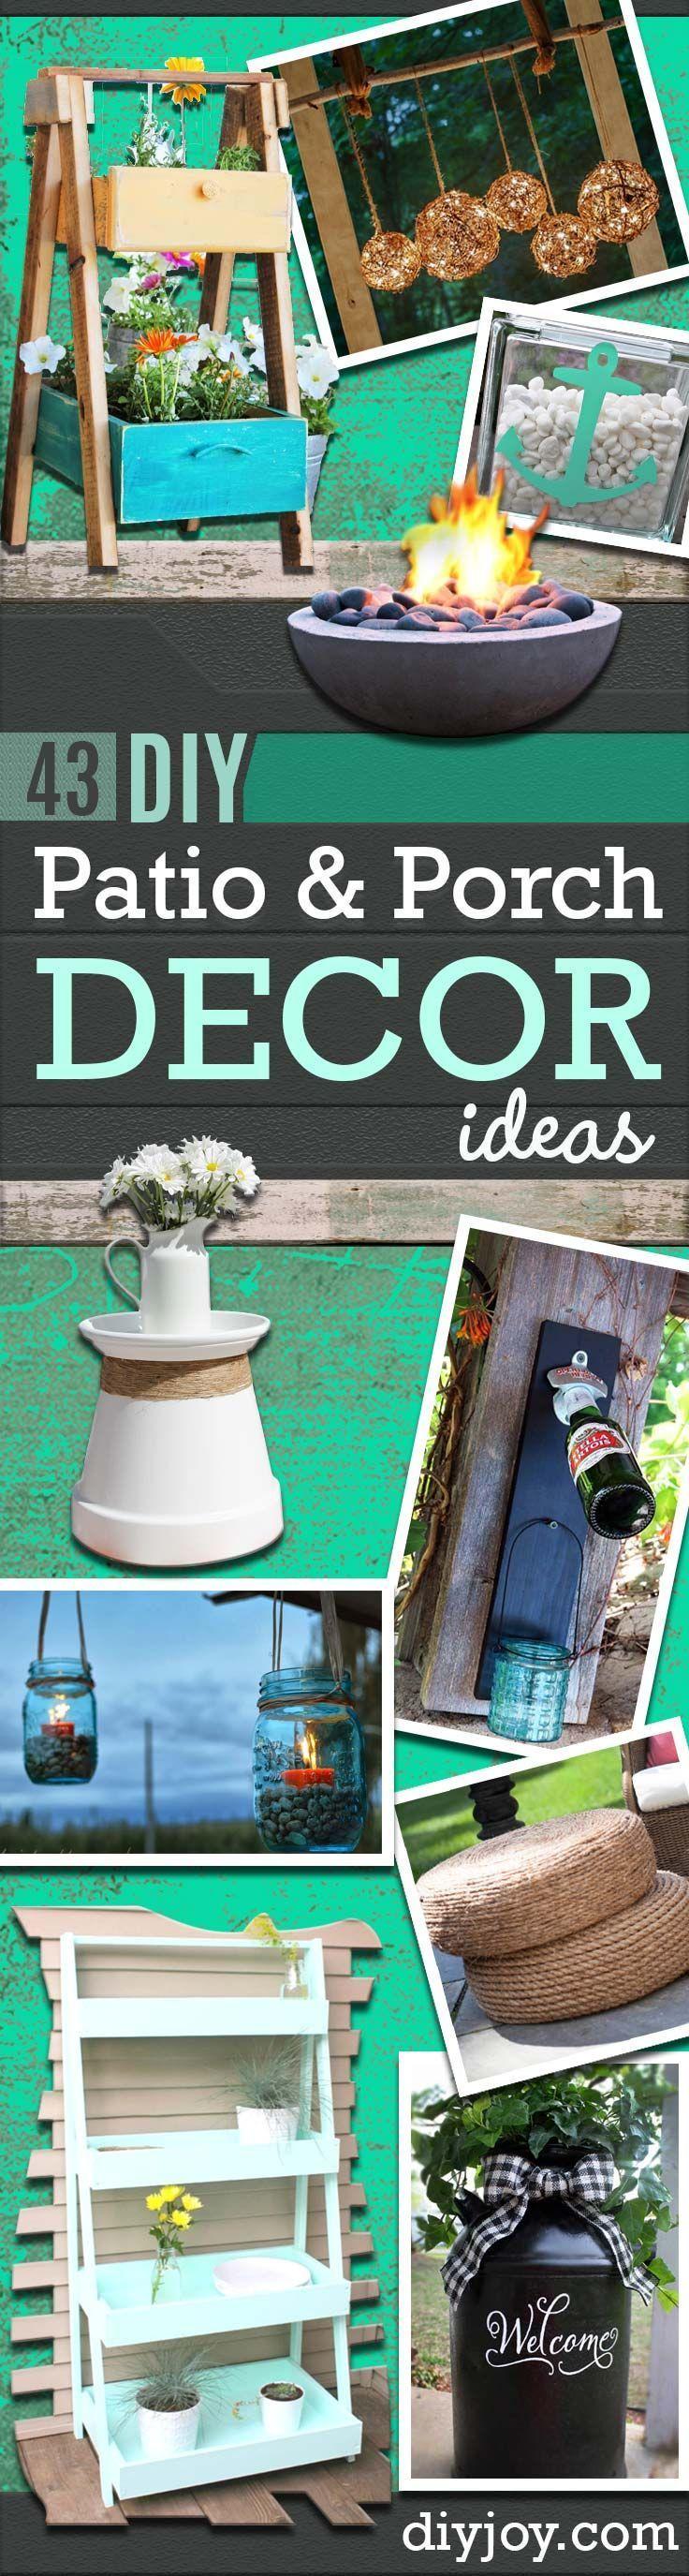 Diy patio decorating ideas - 43 Diy Patio And Porch Decor Ideas